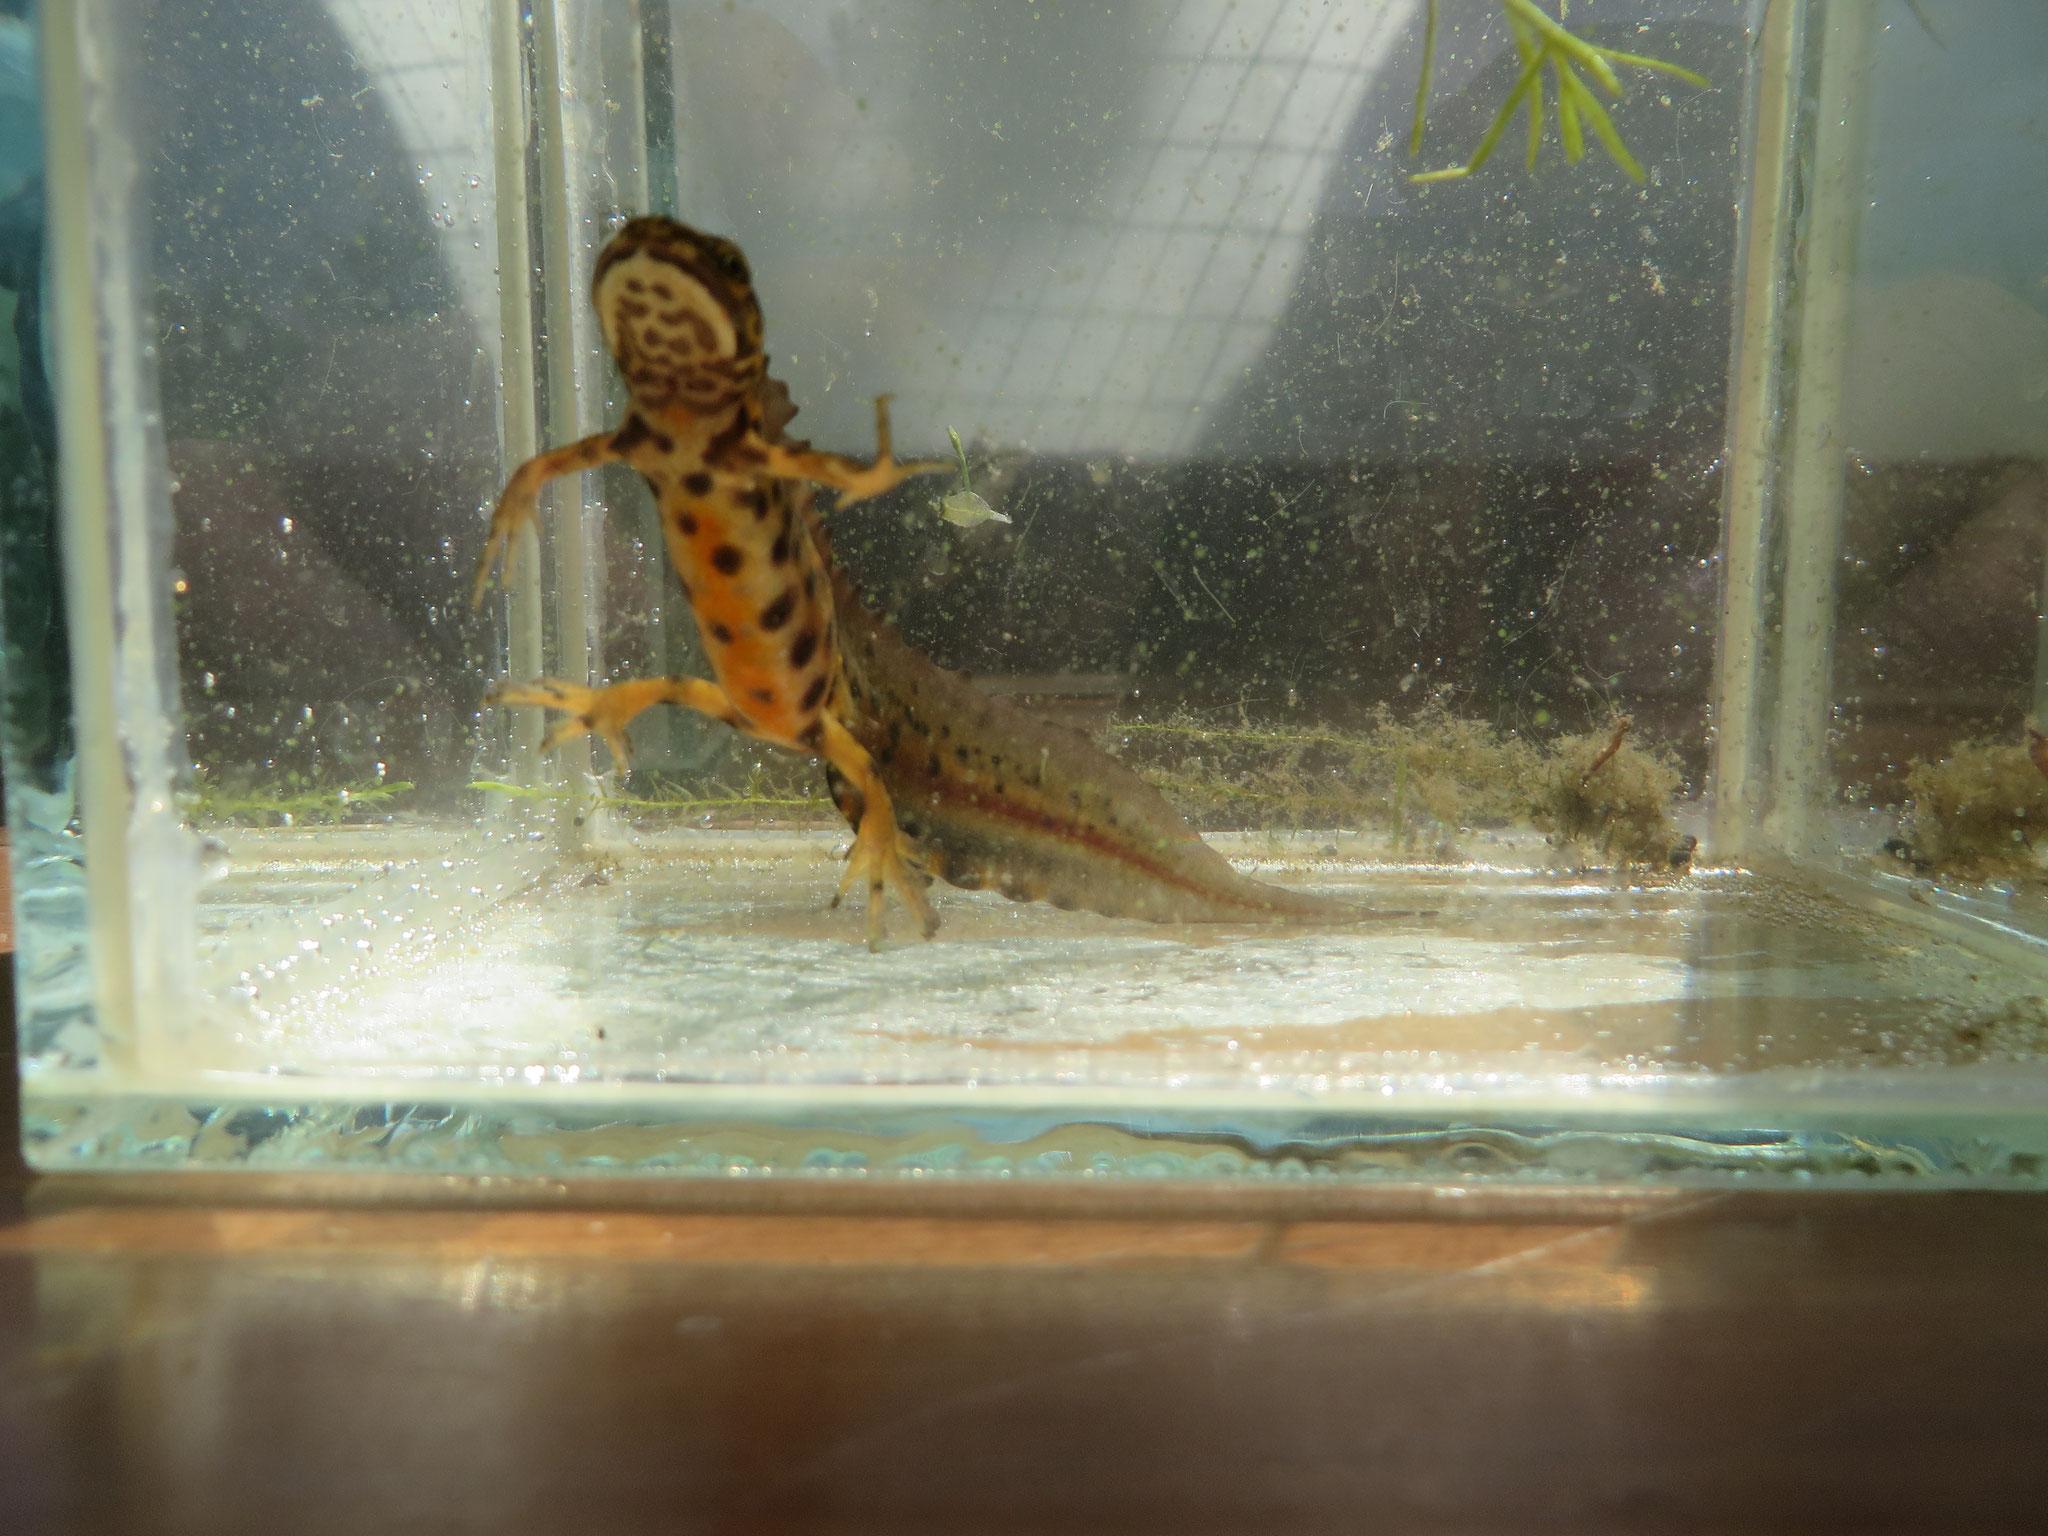 Kleine watersalamander (mannetje).